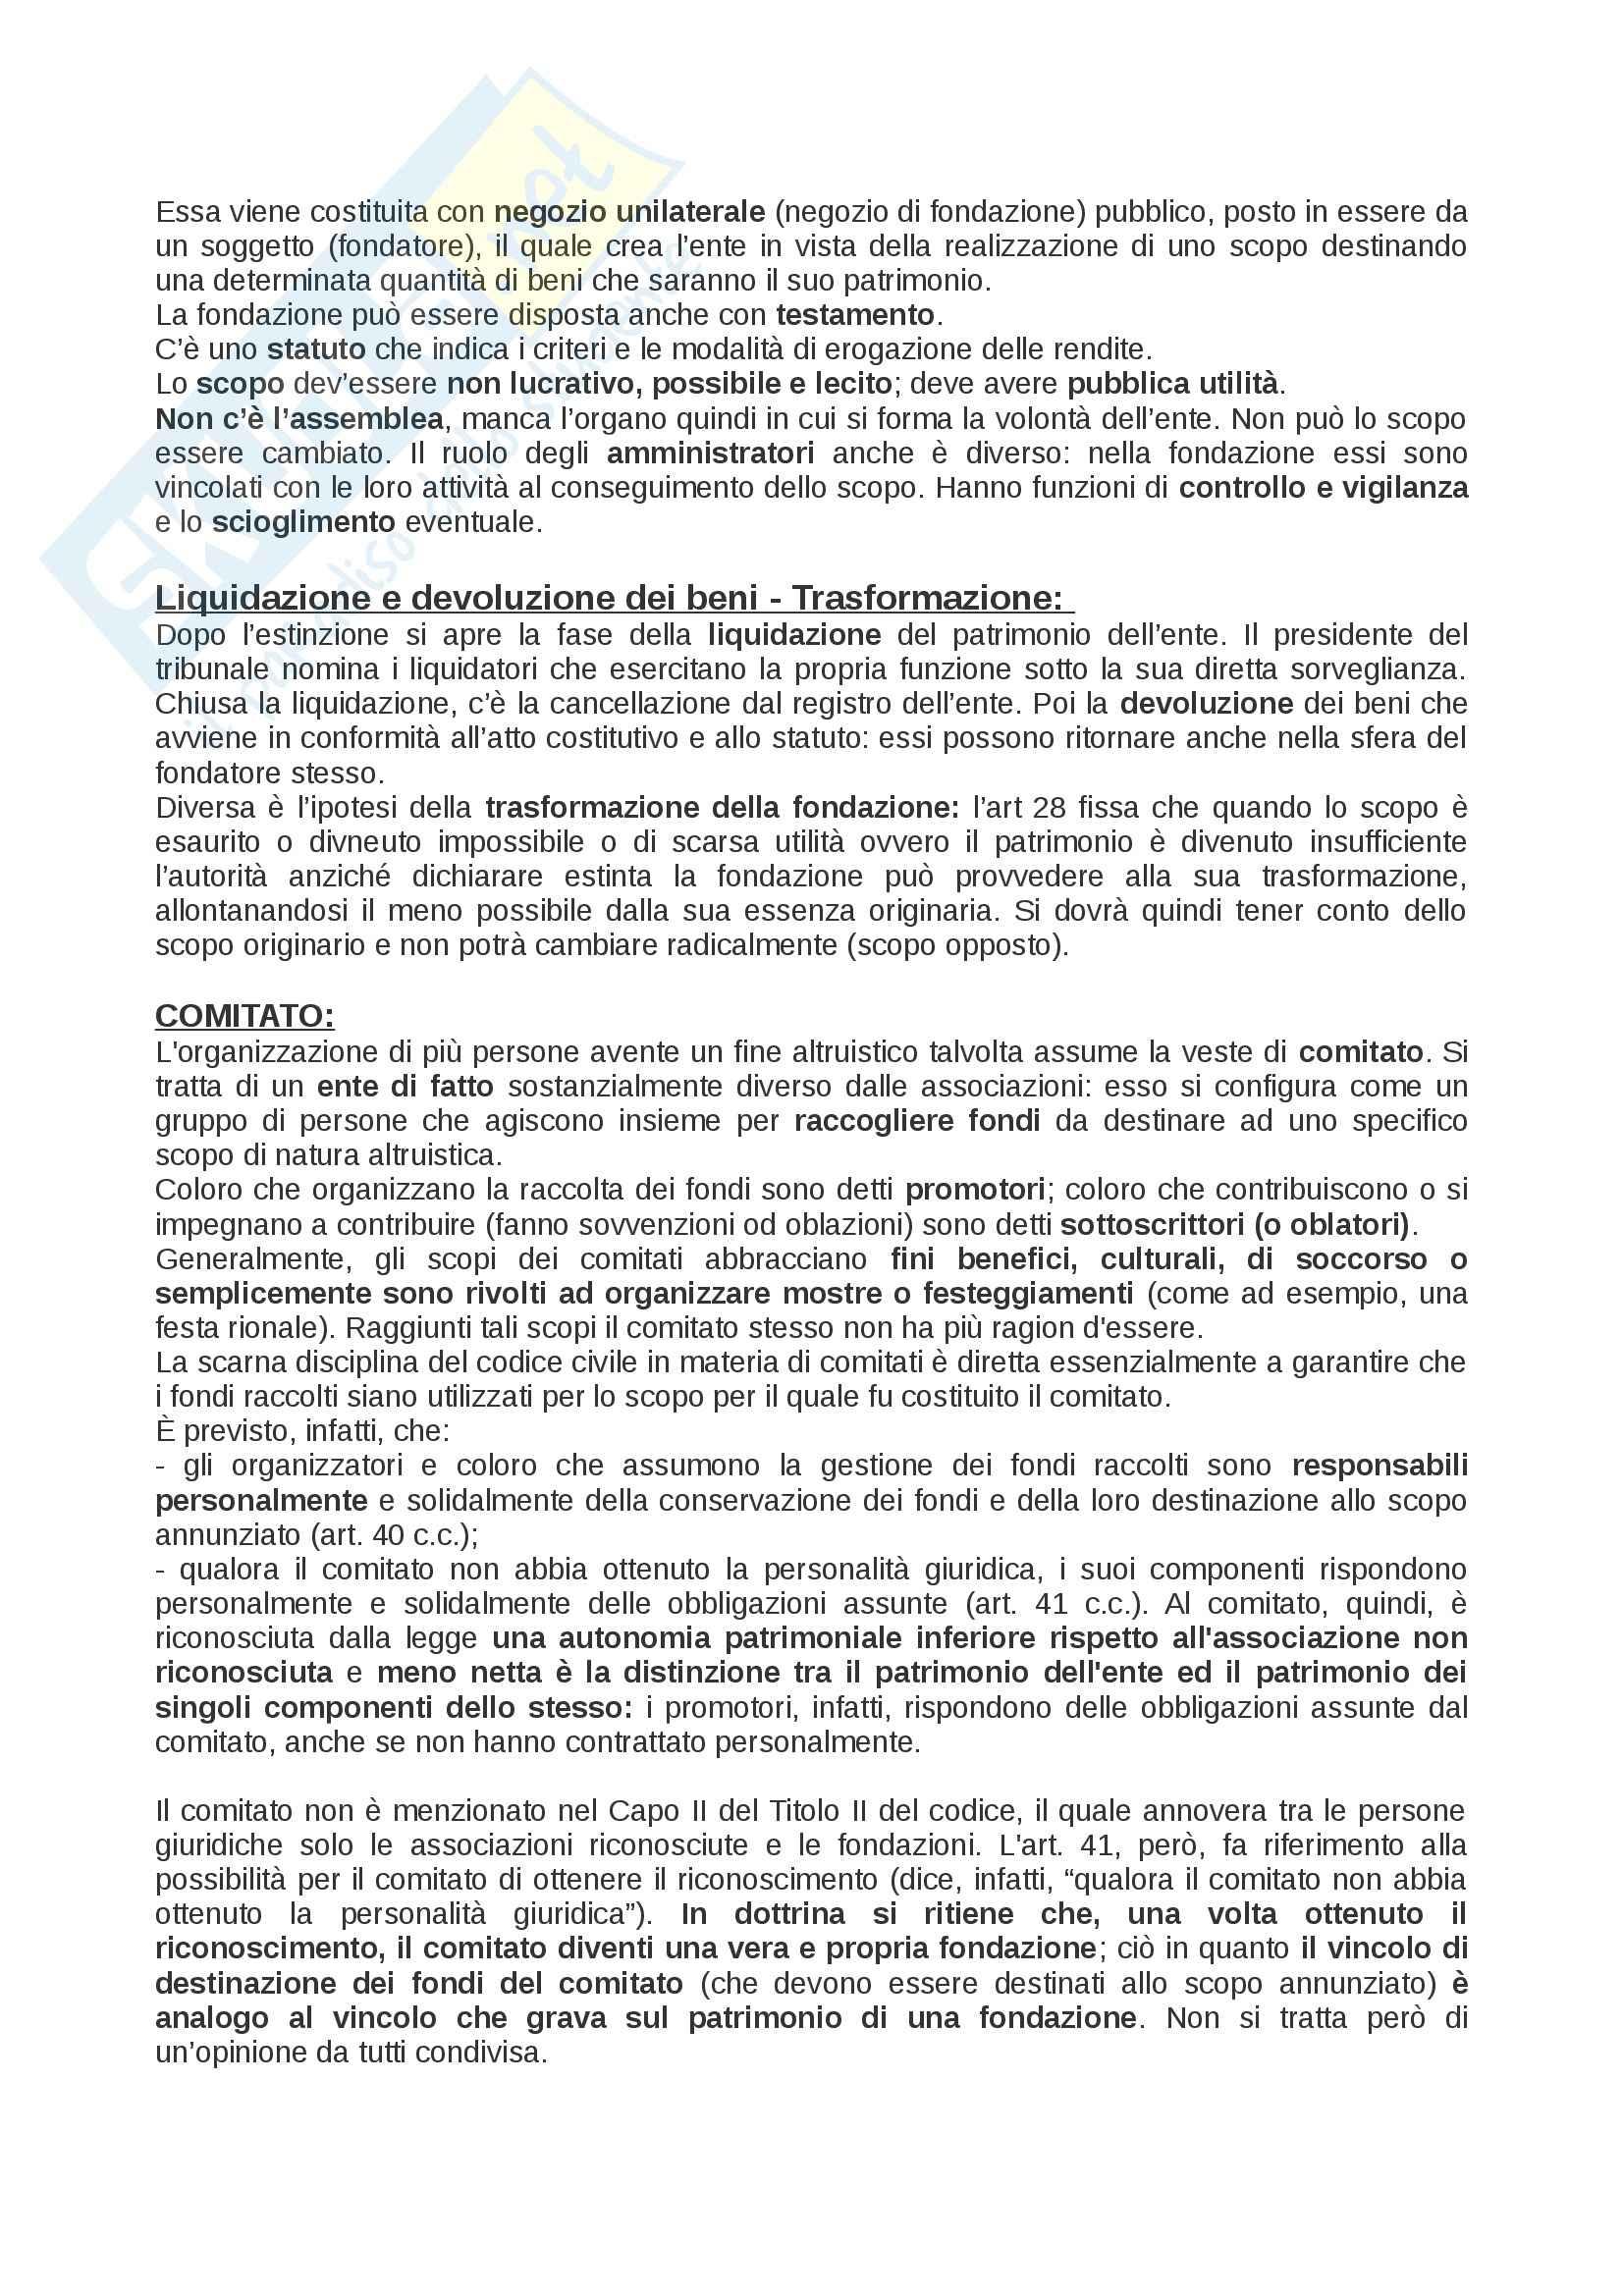 Riassunto esame Diritto privato: soggetti, beni, fatti, enti, prof. Rossi Pag. 16